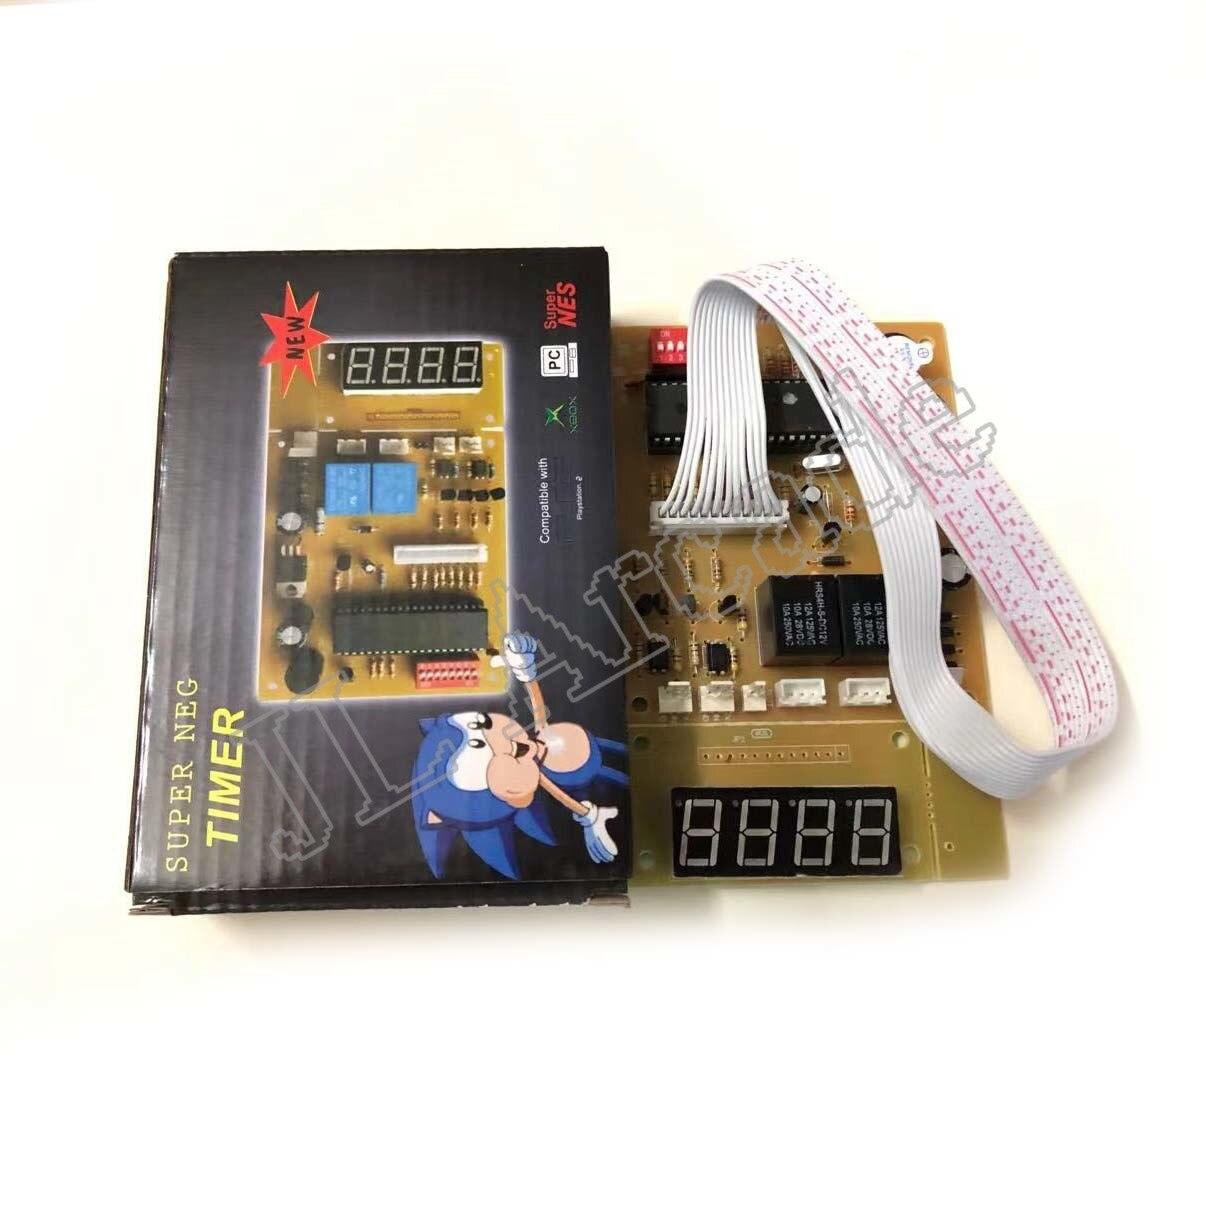 4 dígitos 12V tiempo temporizador de Control con arnés de alambre para caja de juegos recreativos selector monedas y de agua de la bomba de lavado de la máquina